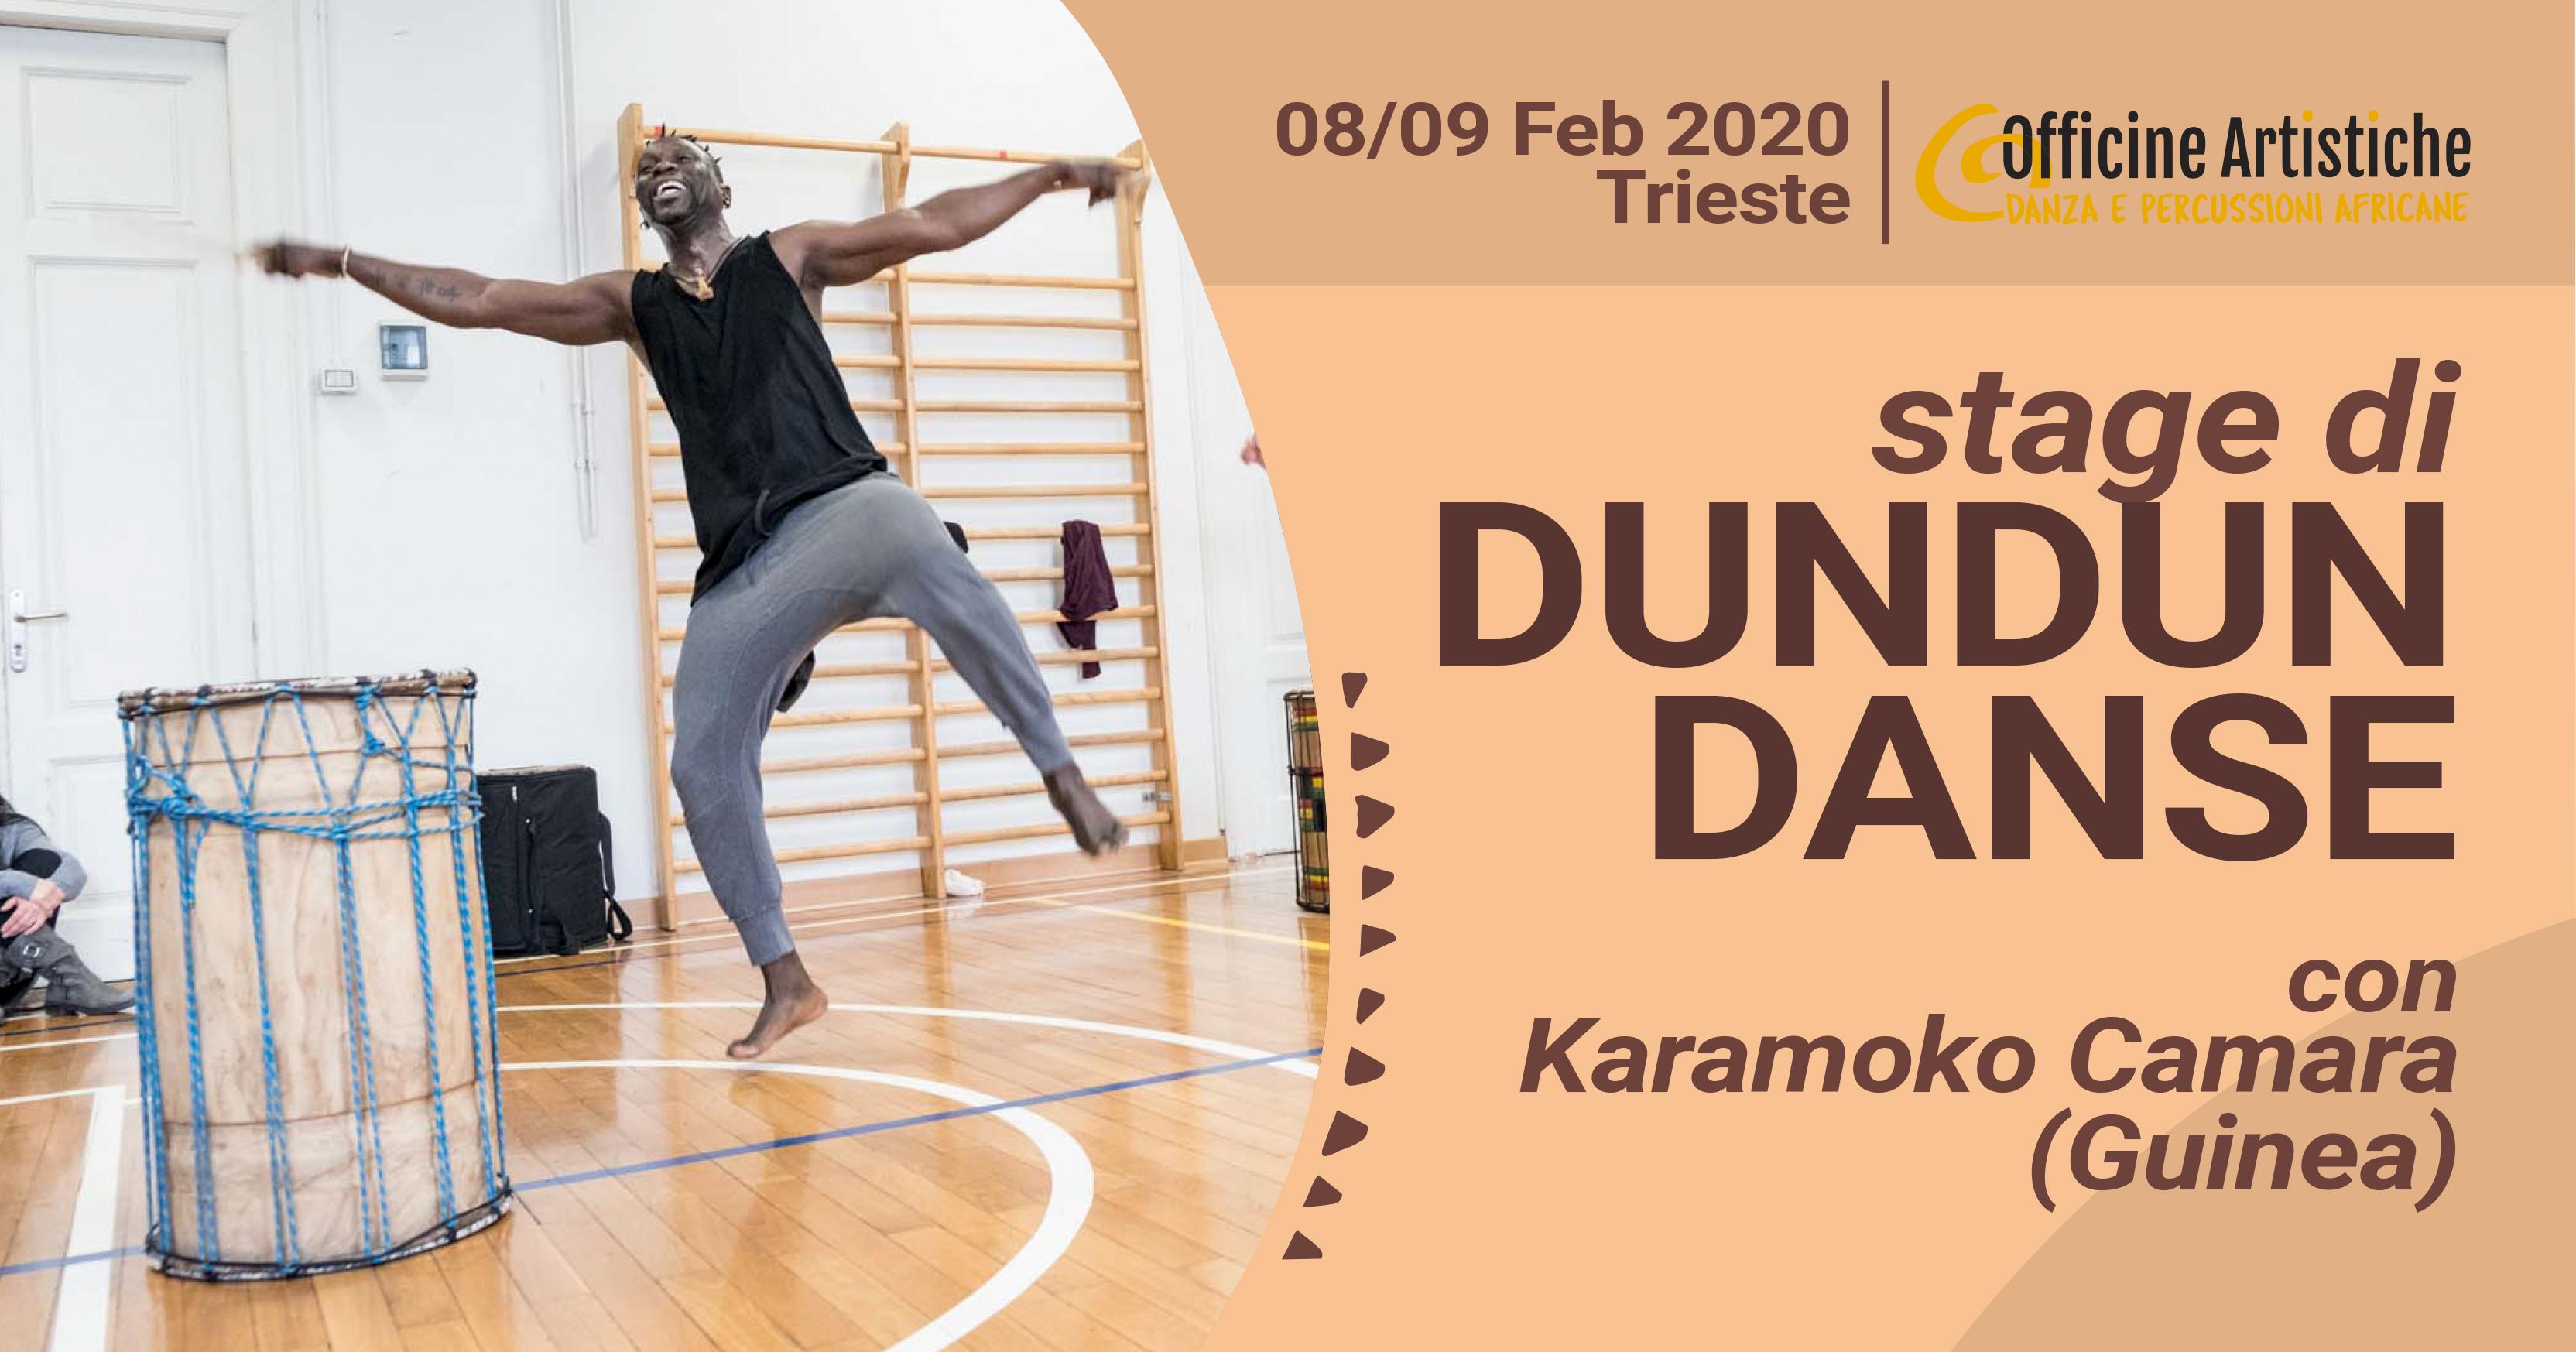 Dundun Danse con Karamoko Camara 2020